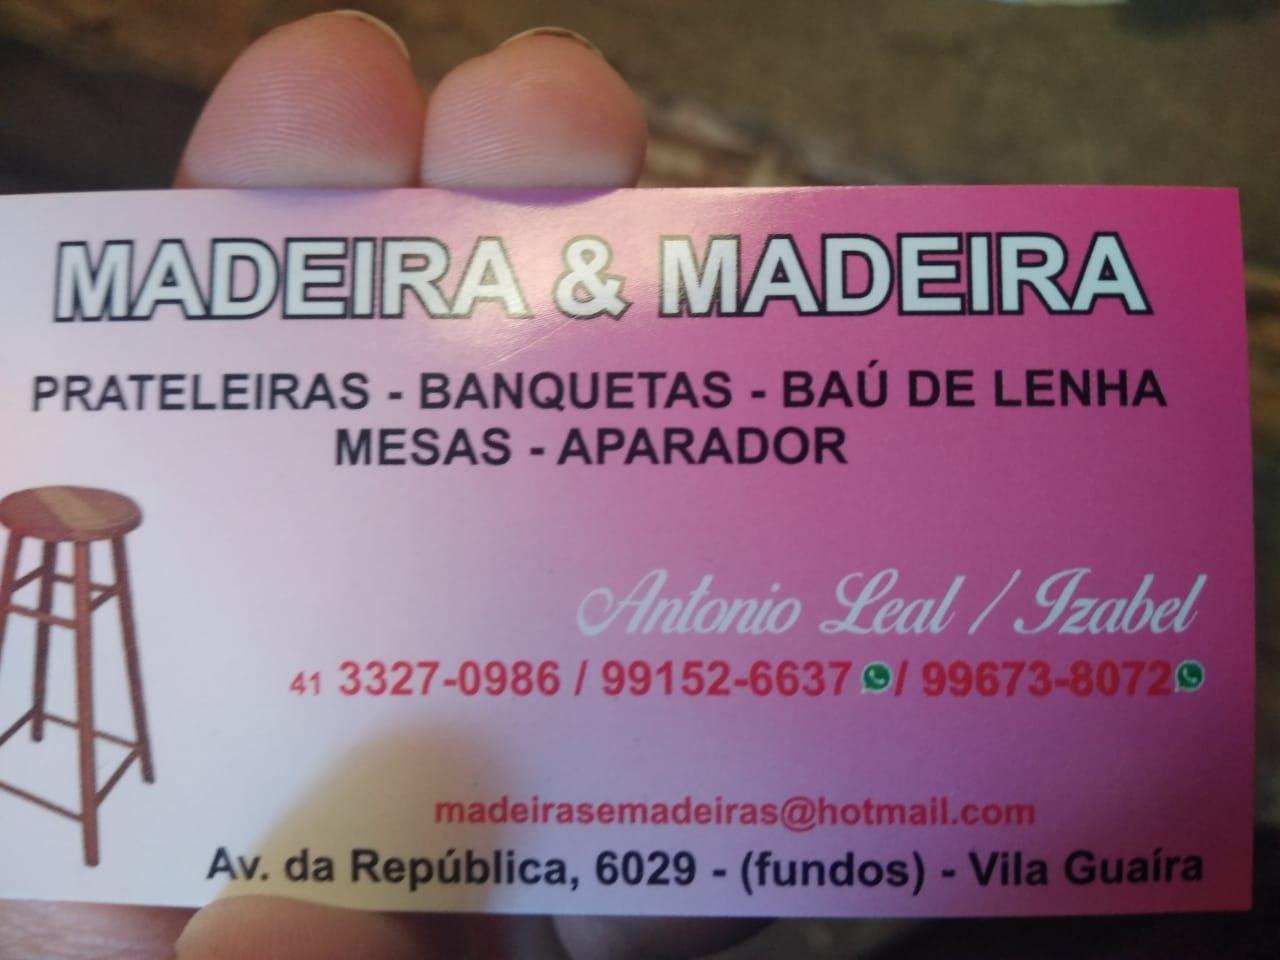 Logotipo - Antonio Leal (Madeira e Madeira)